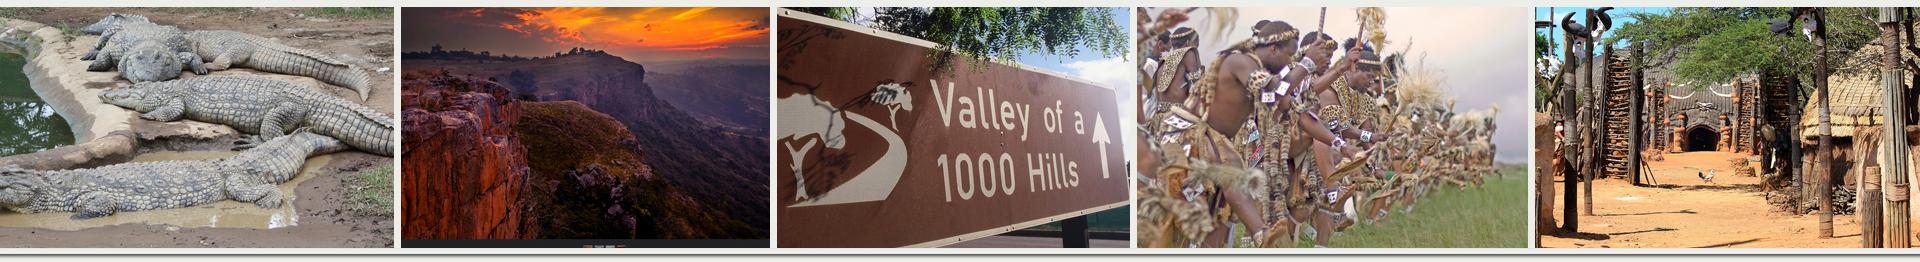 PageLines-Valleyof1000hillsTourHeader2.jpg